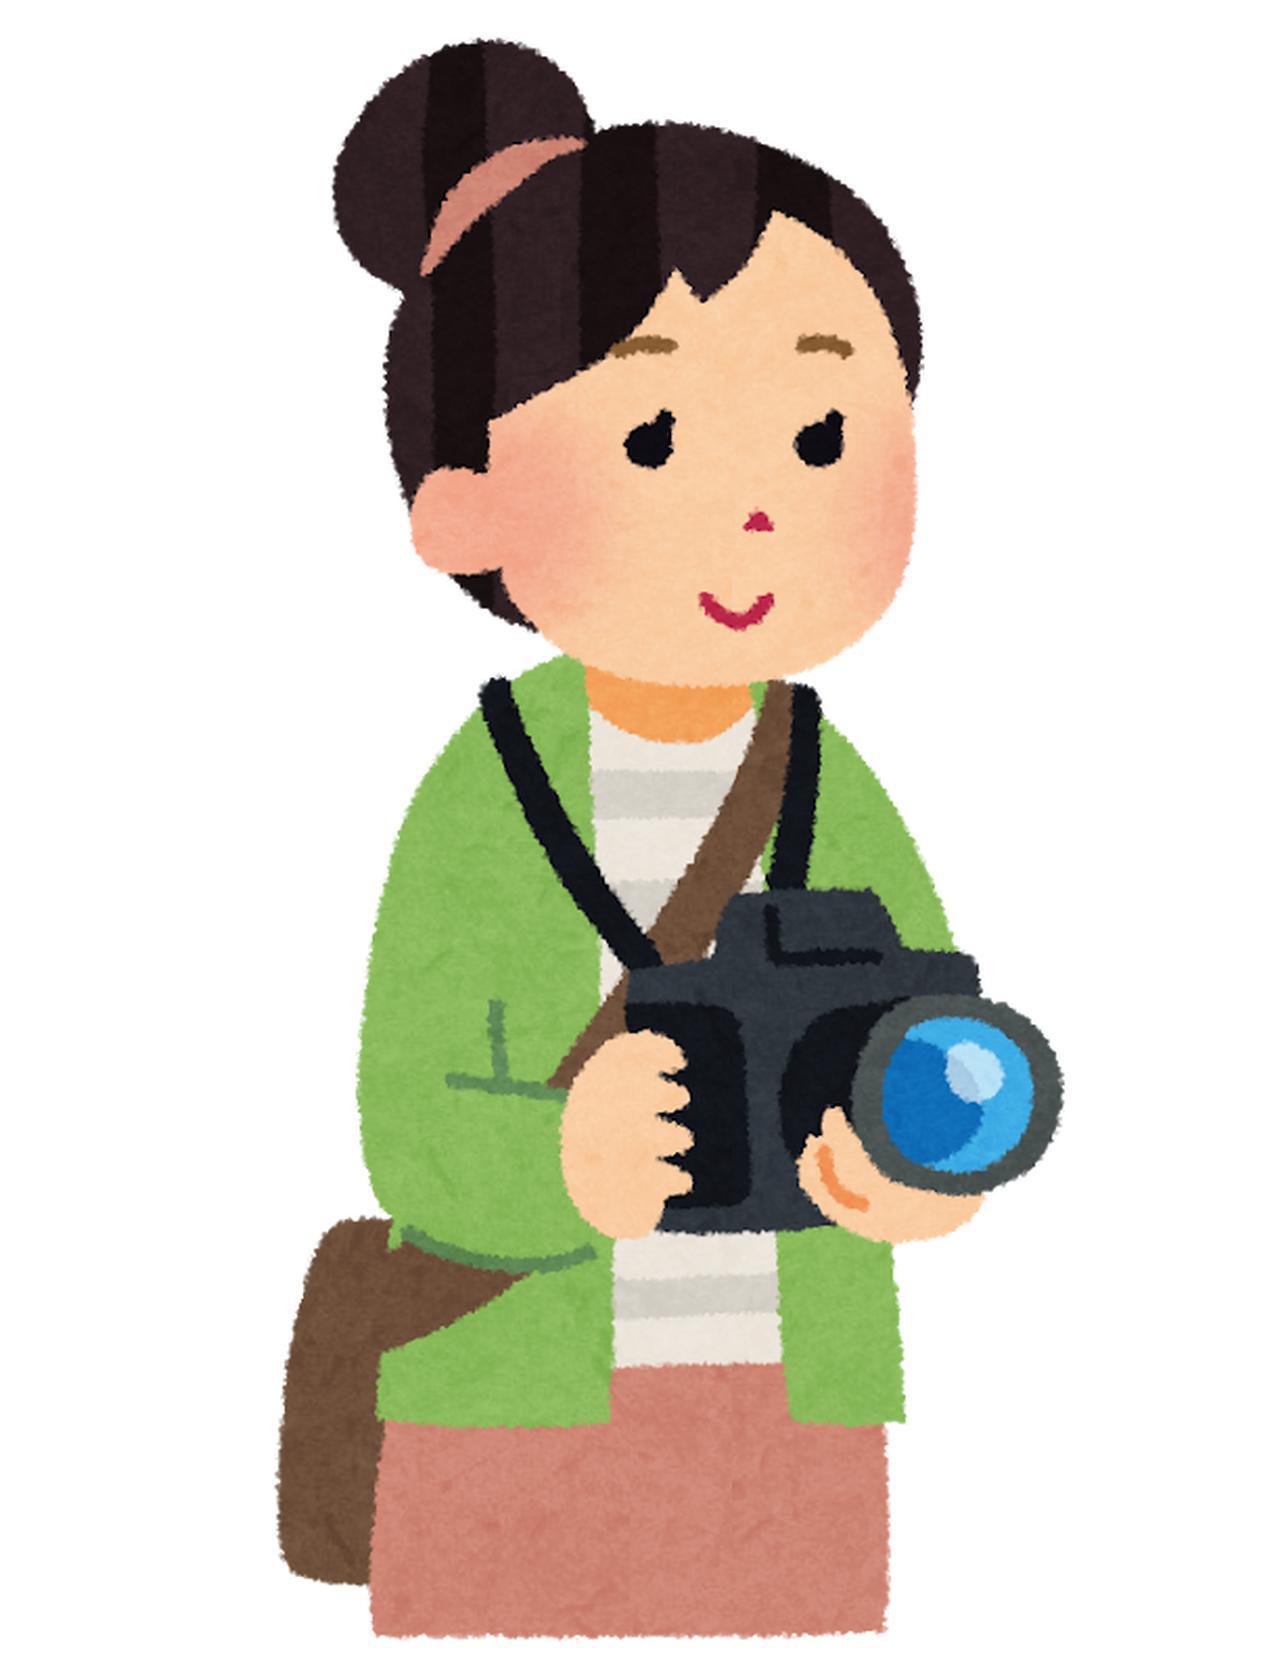 画像2: はじめまして、PhotoAmi(フォトアミ)/クラブツーリズム写真コミュニティです!